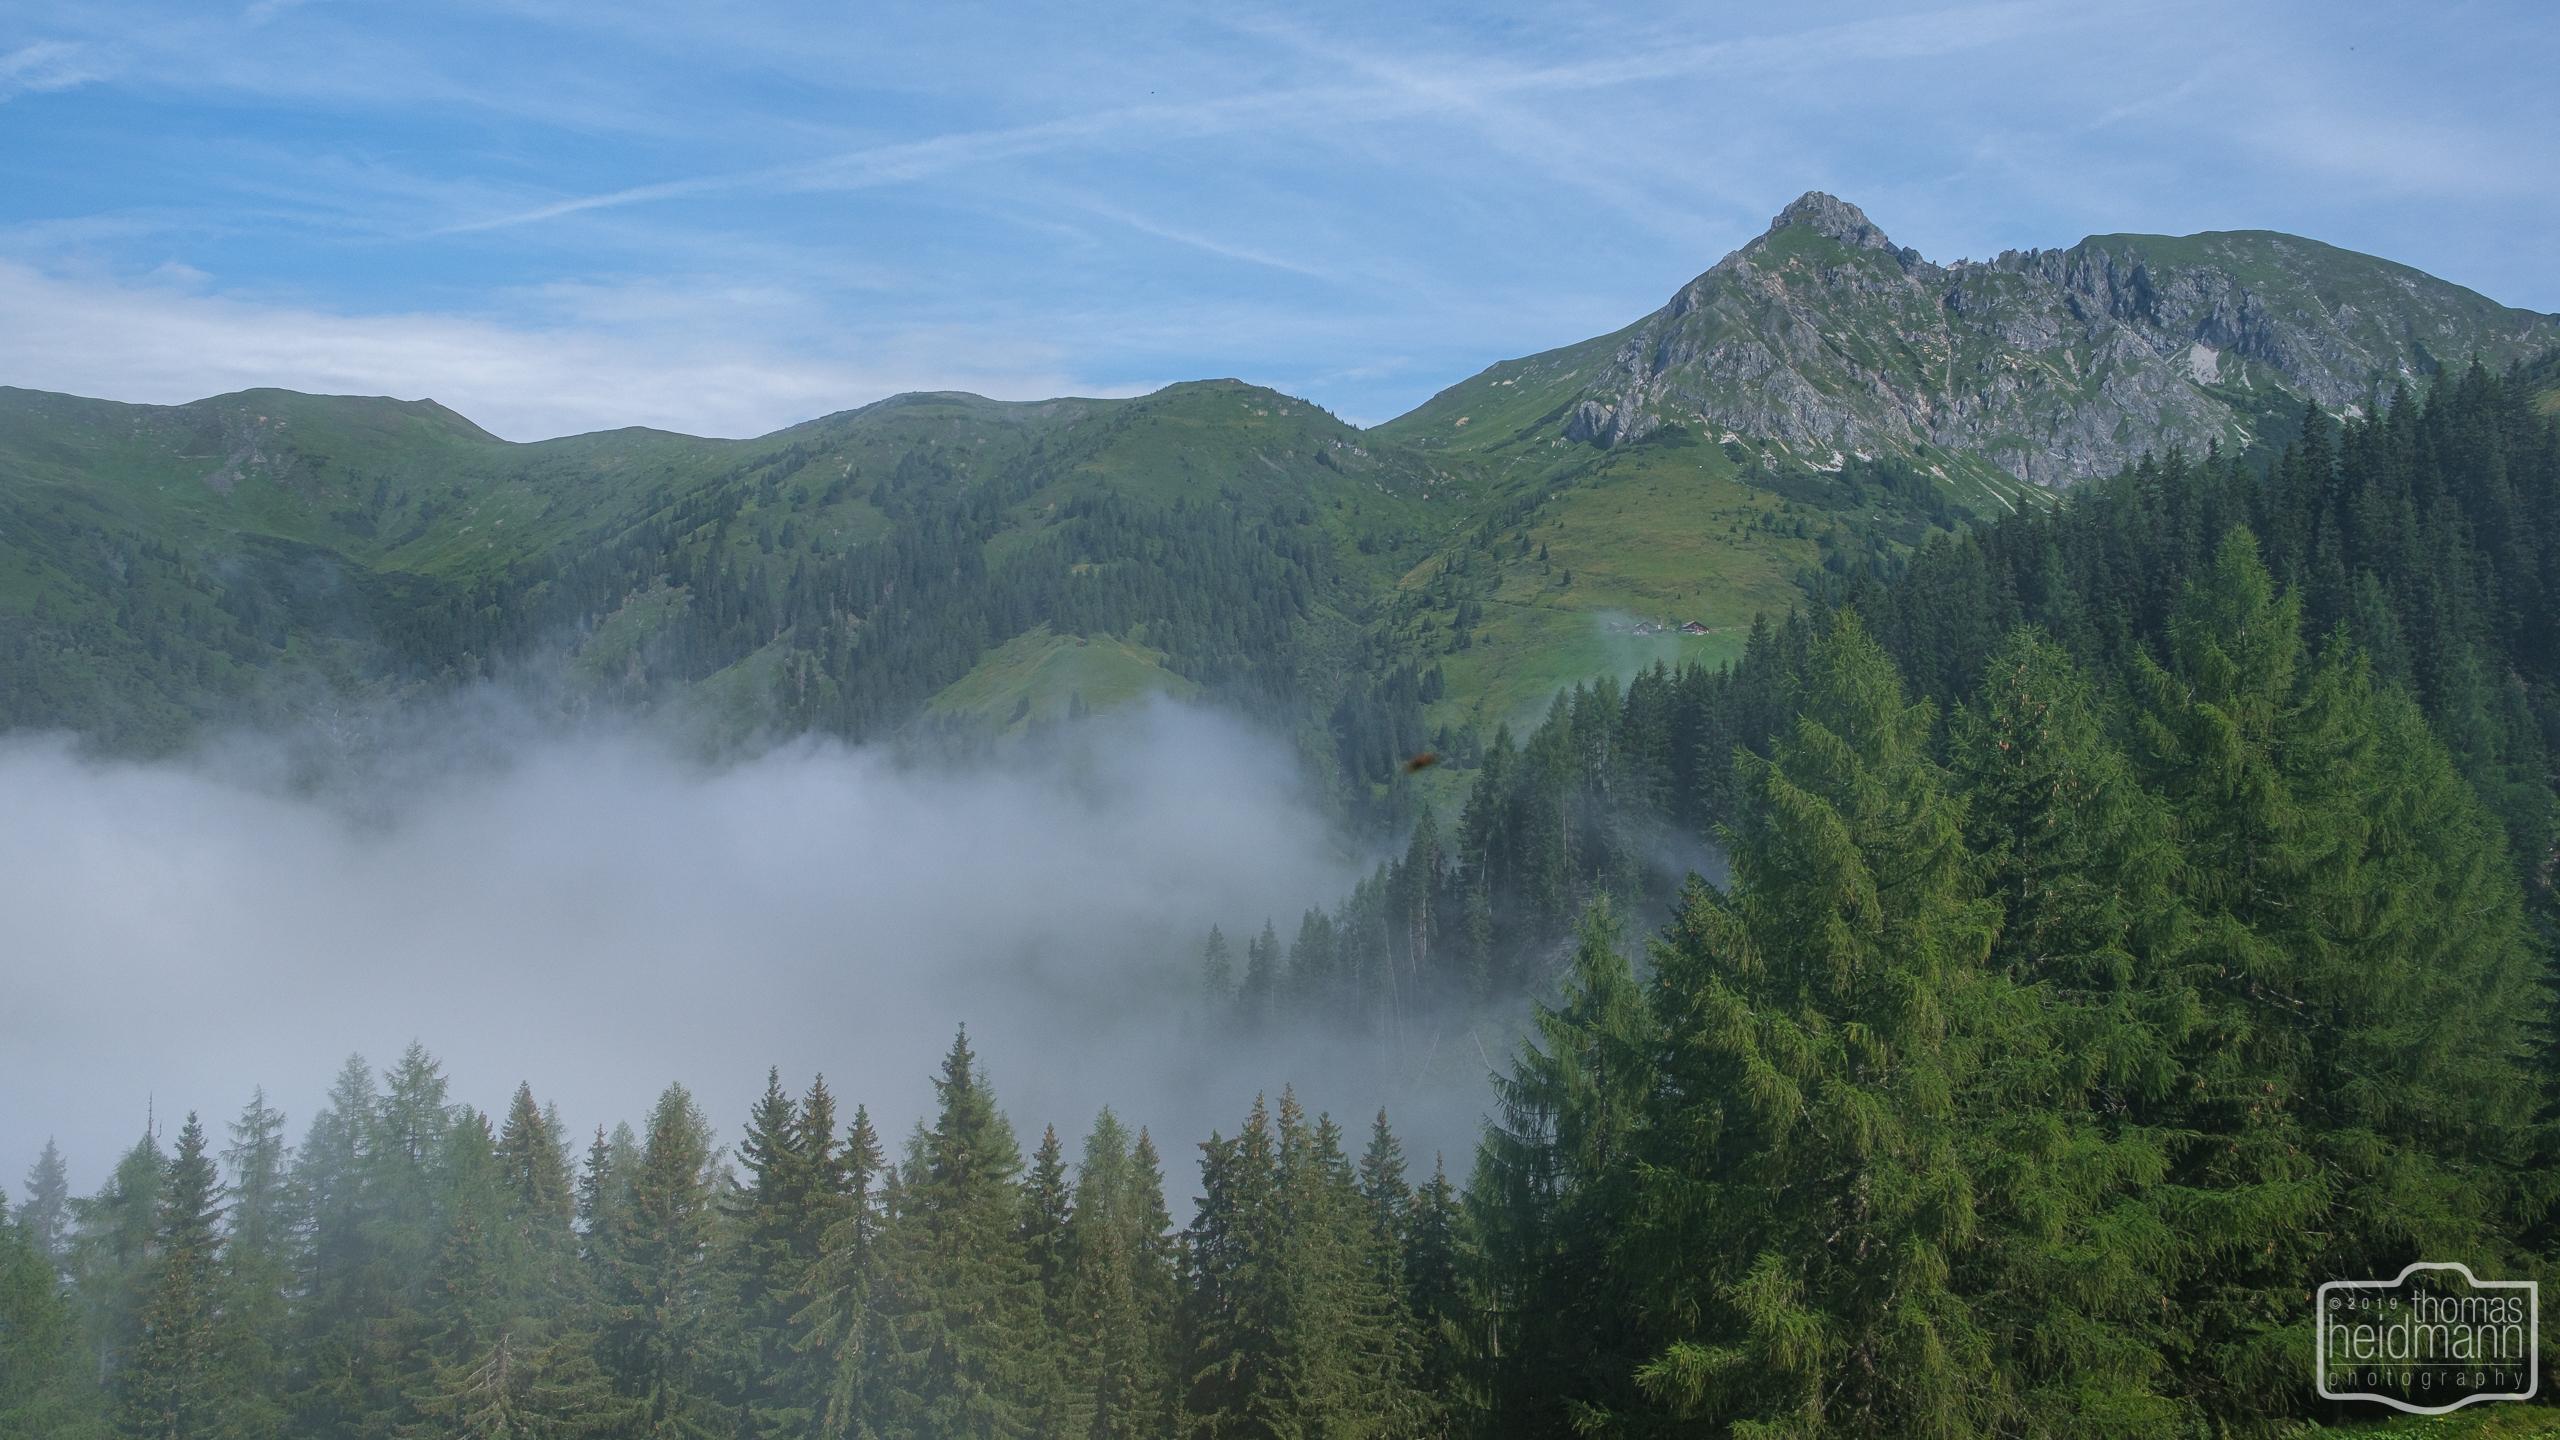 Gratwanderung - Der Nebel hängt noch im Tal